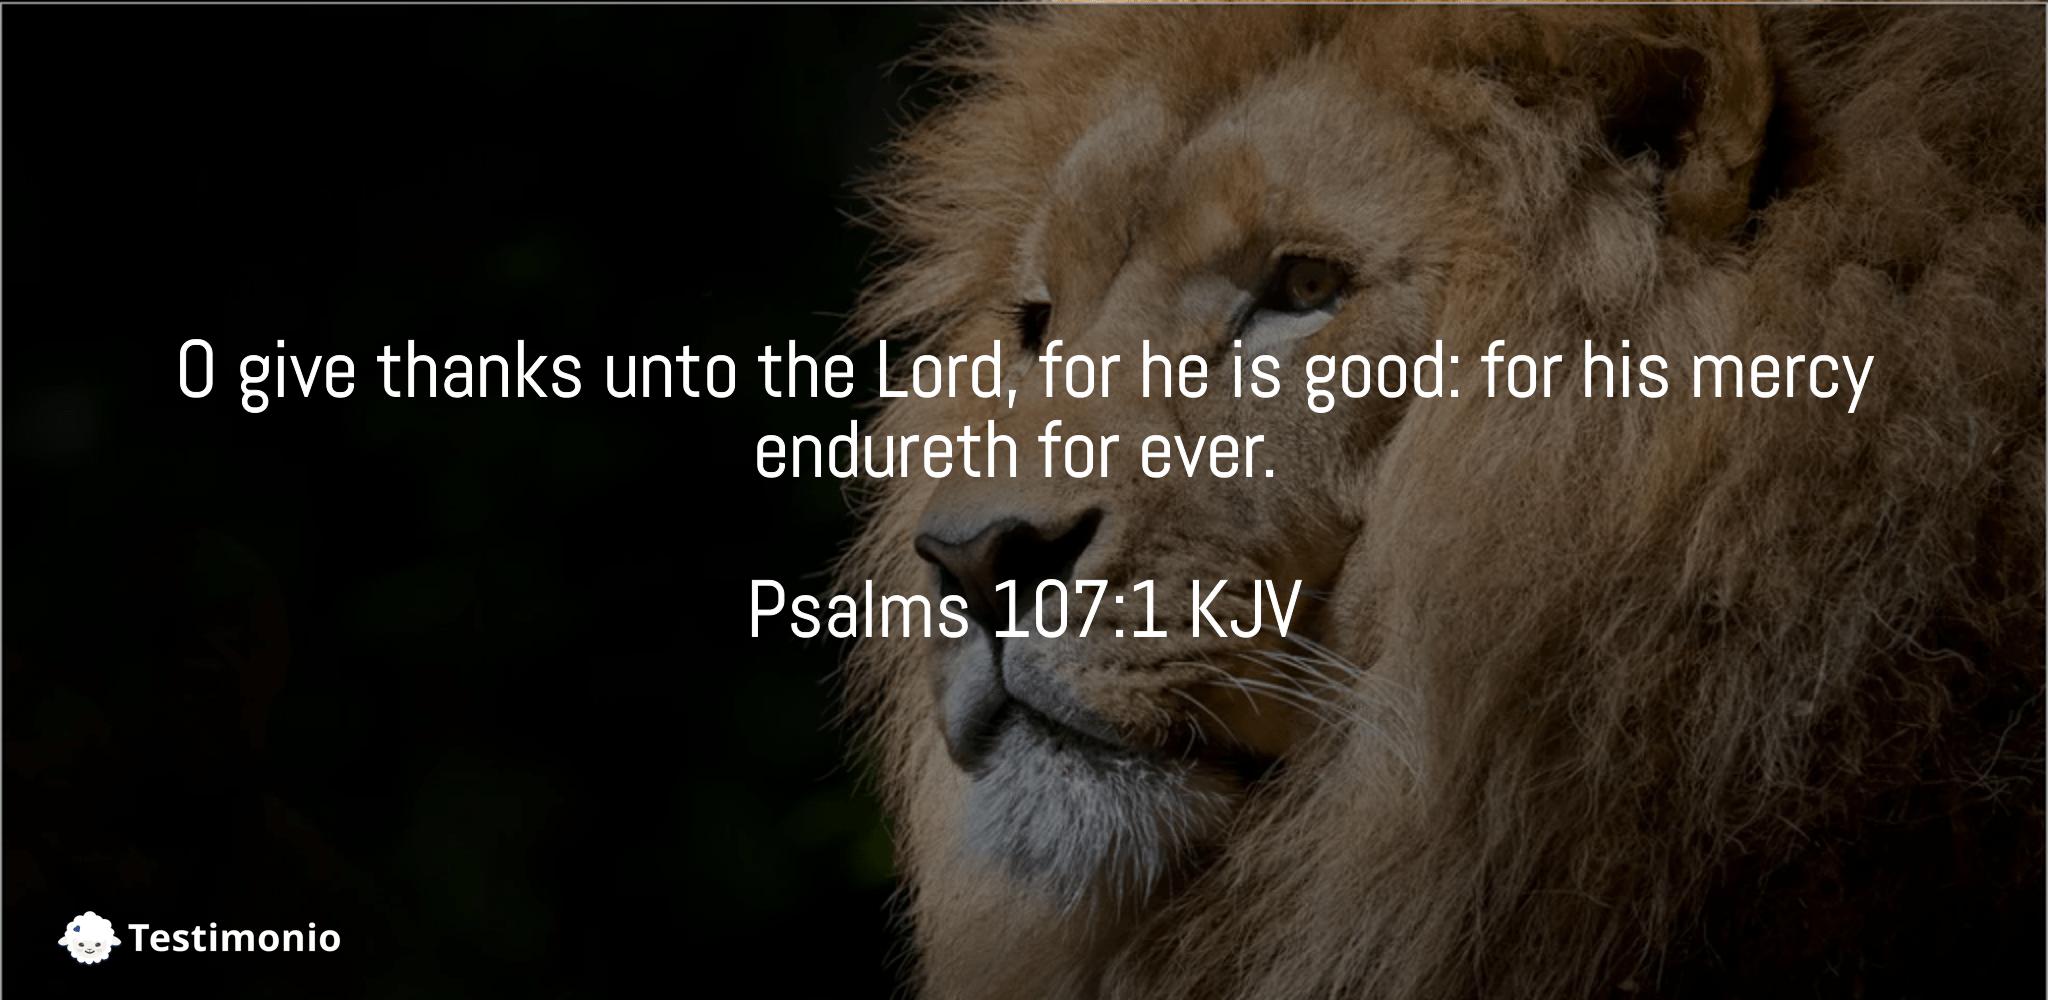 Psalms 107:1